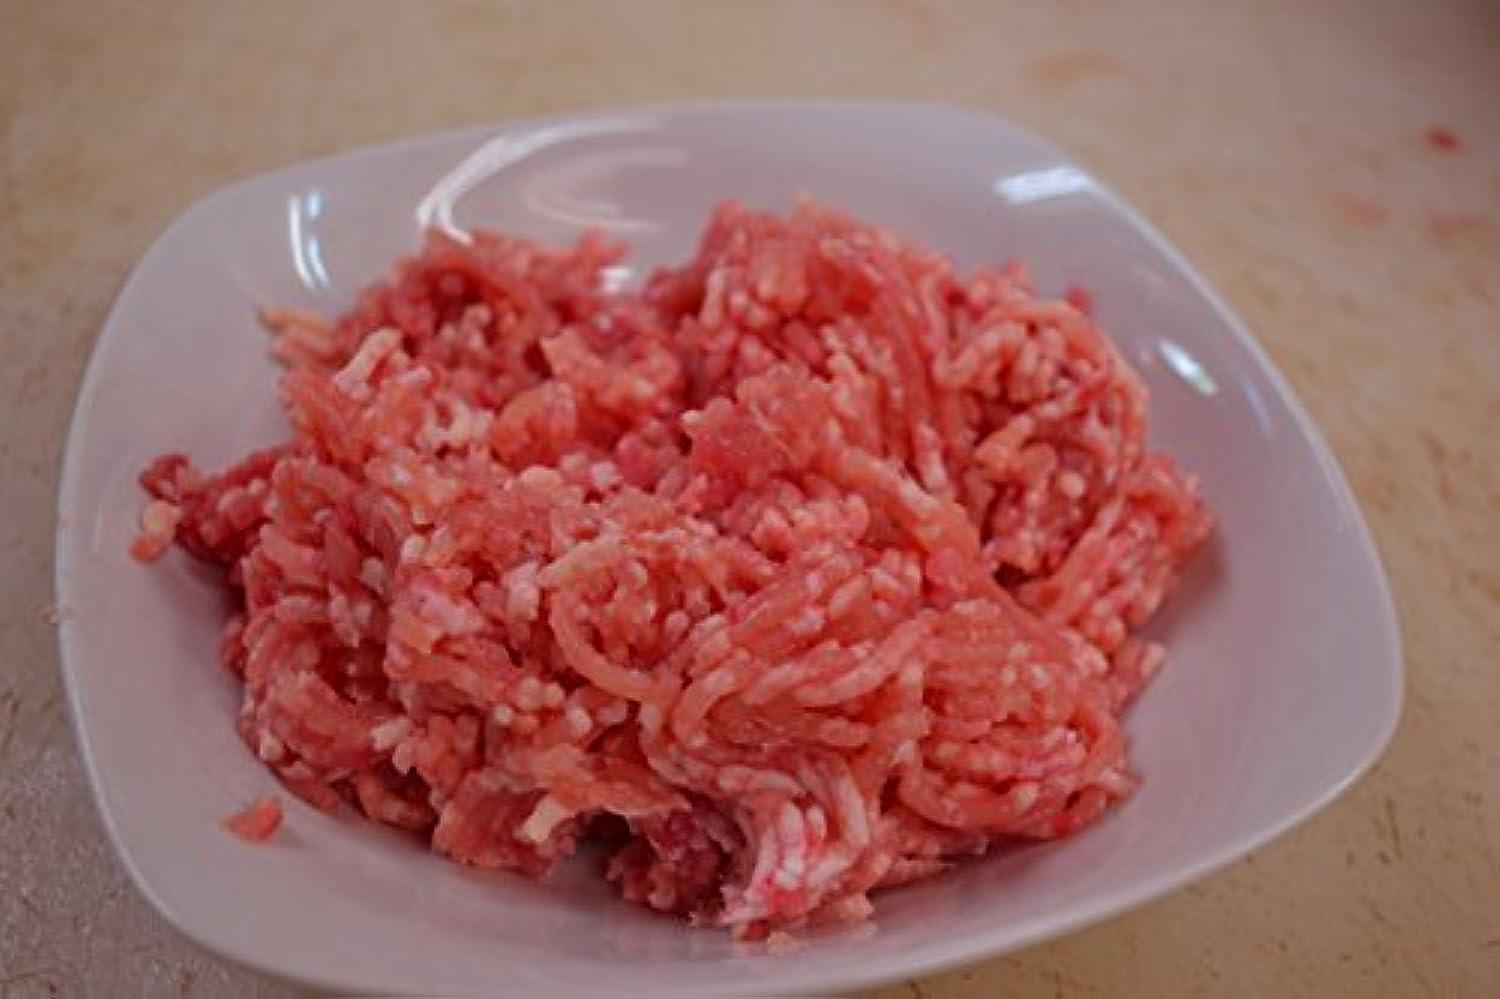 鶏もも肉 鶏ひき肉 500g 【鶏団子 チキンボール 挽肉 鶏 もも肉】